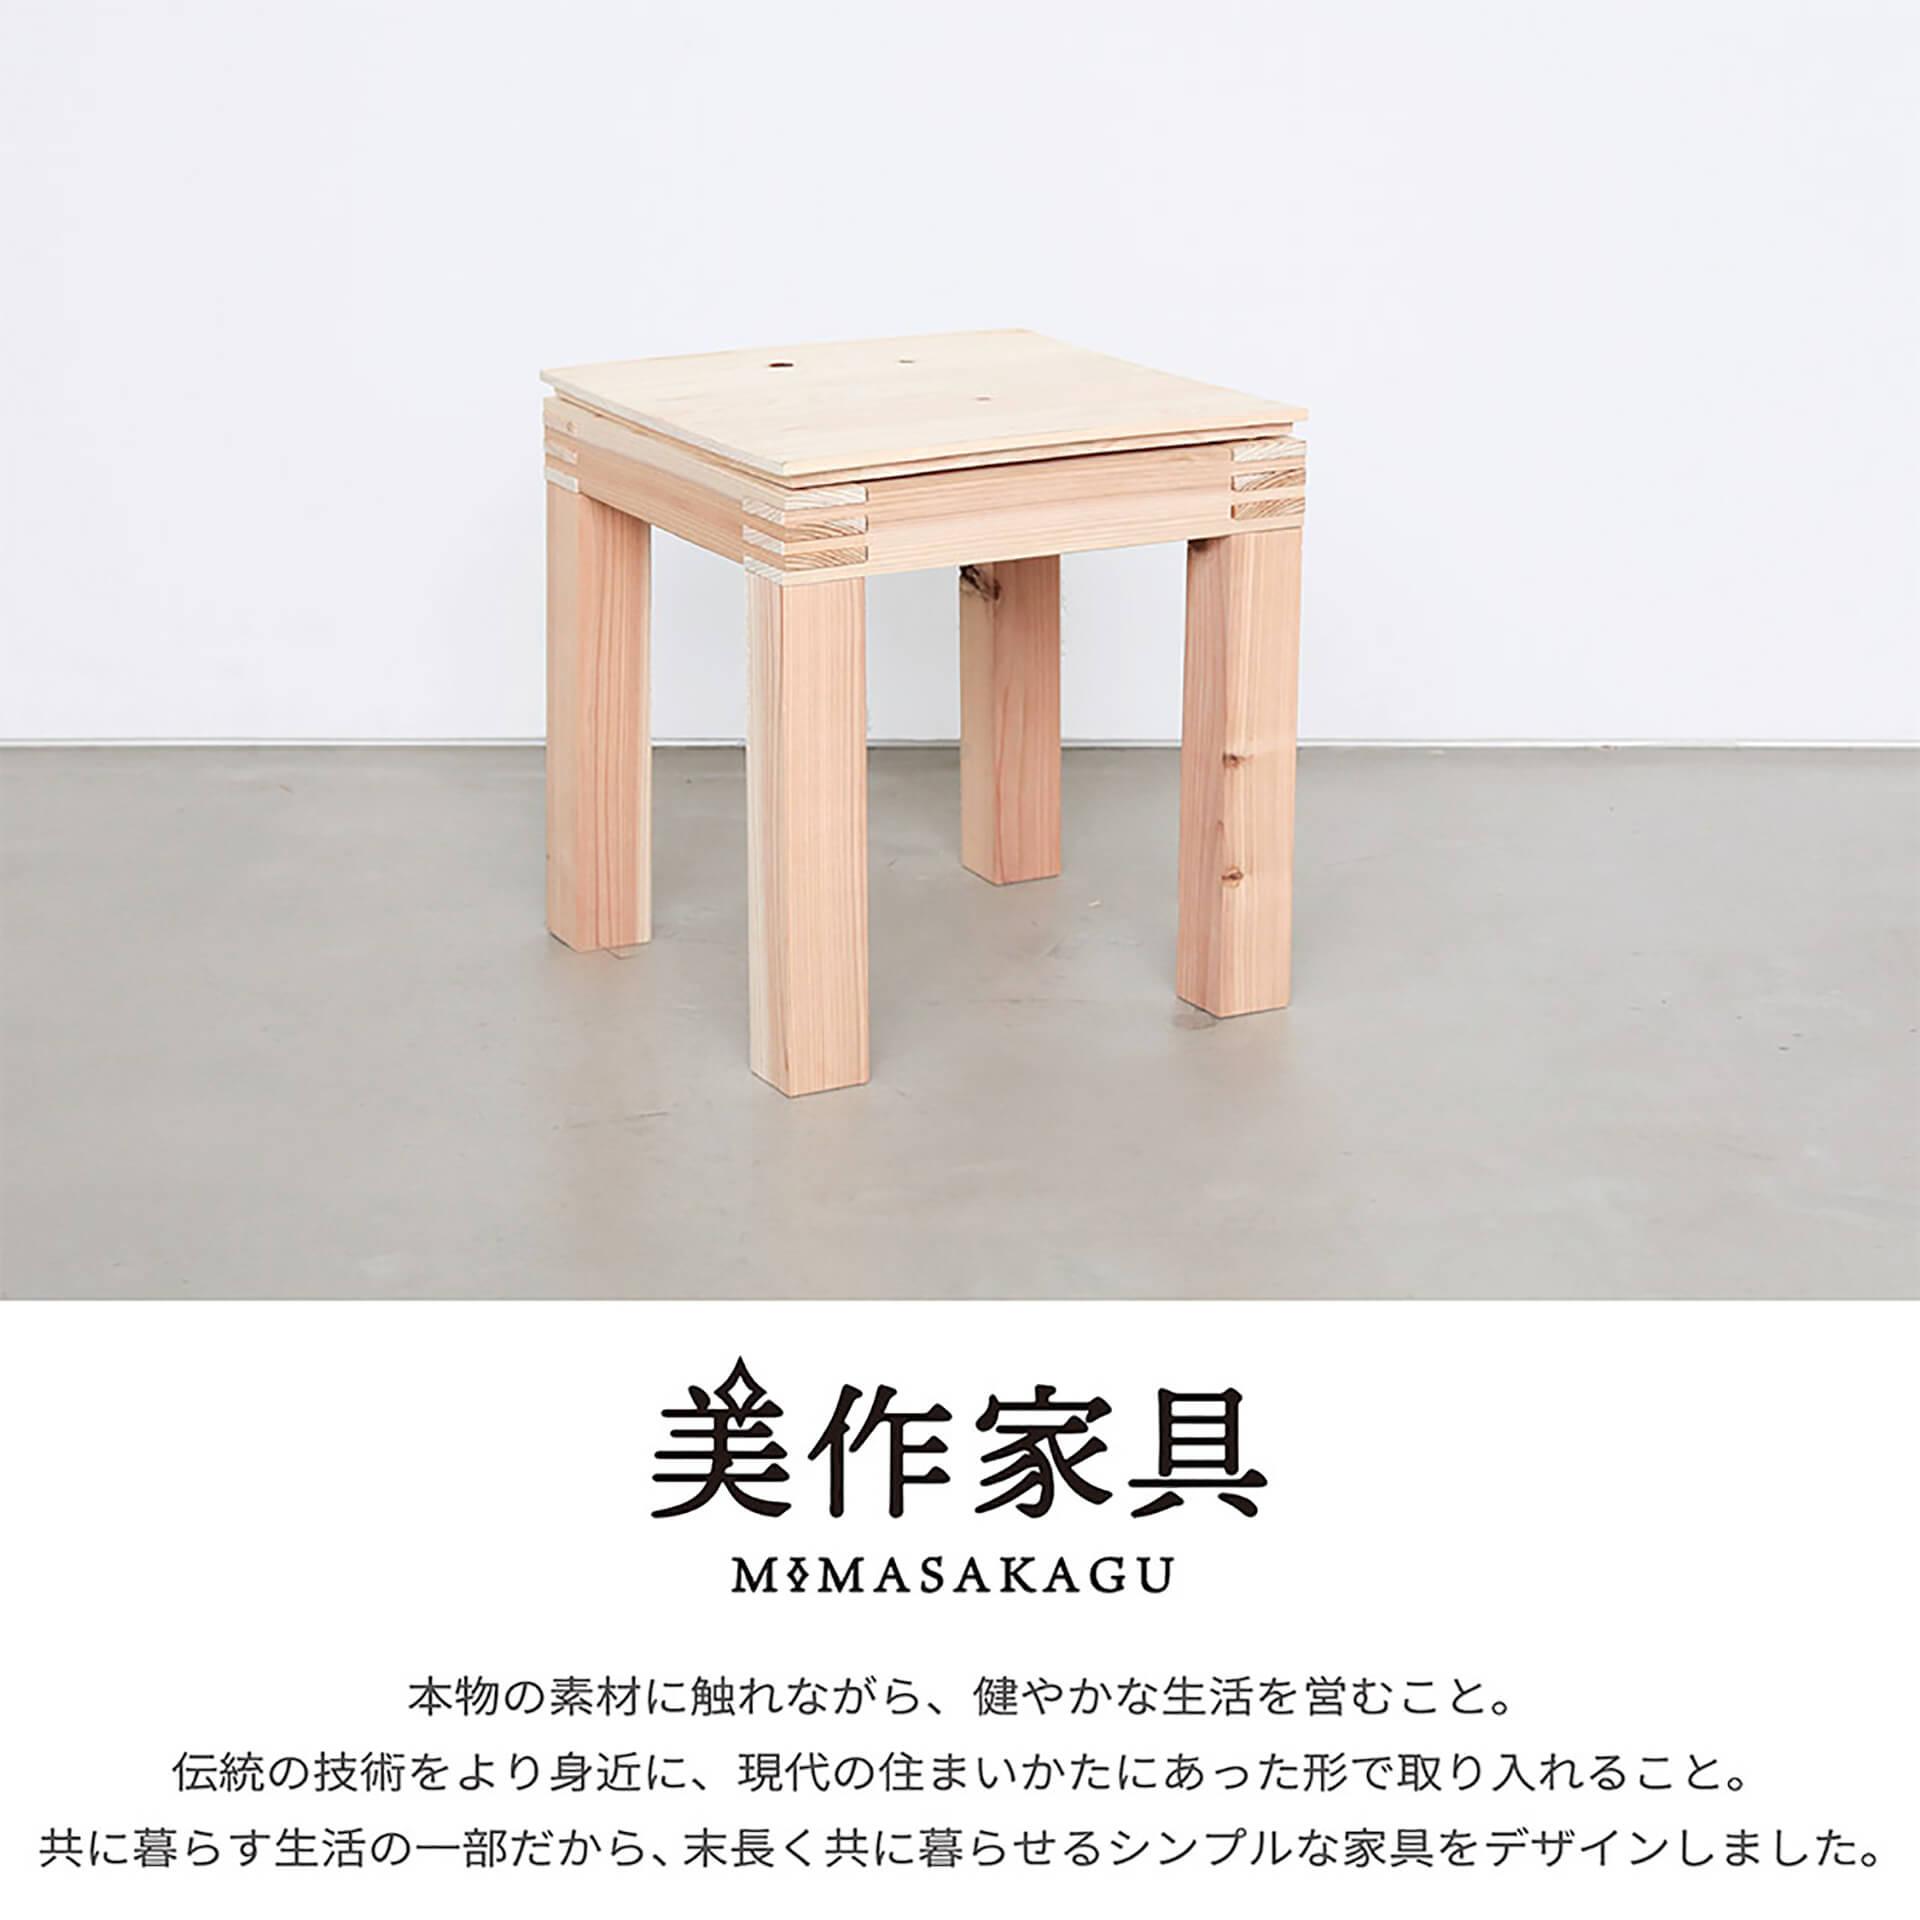 「美作材」家具販売会・商品例